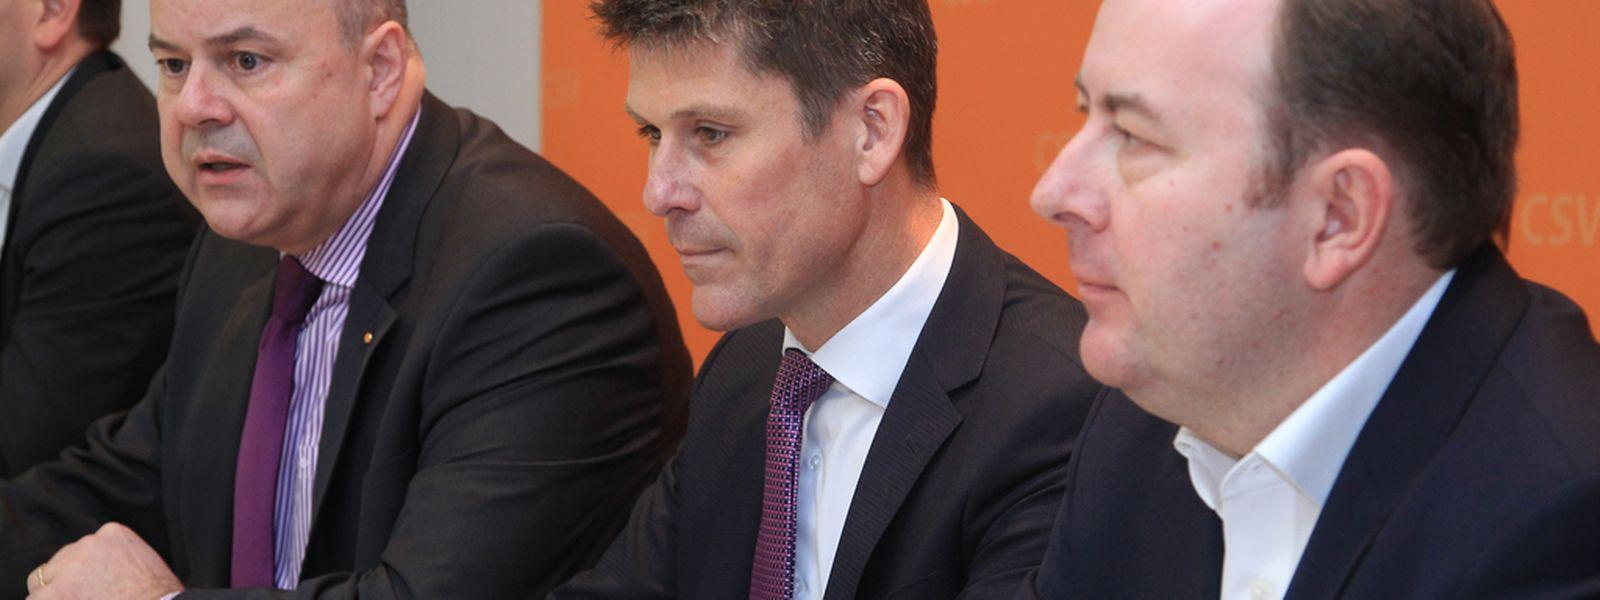 Marc Glesener (rechts) und Marc Thewes (Mitte) haben der CSV auf den Zahn gefühlt und präsentierten am Donnerstag die Ergebnisse ihrer Analyse.